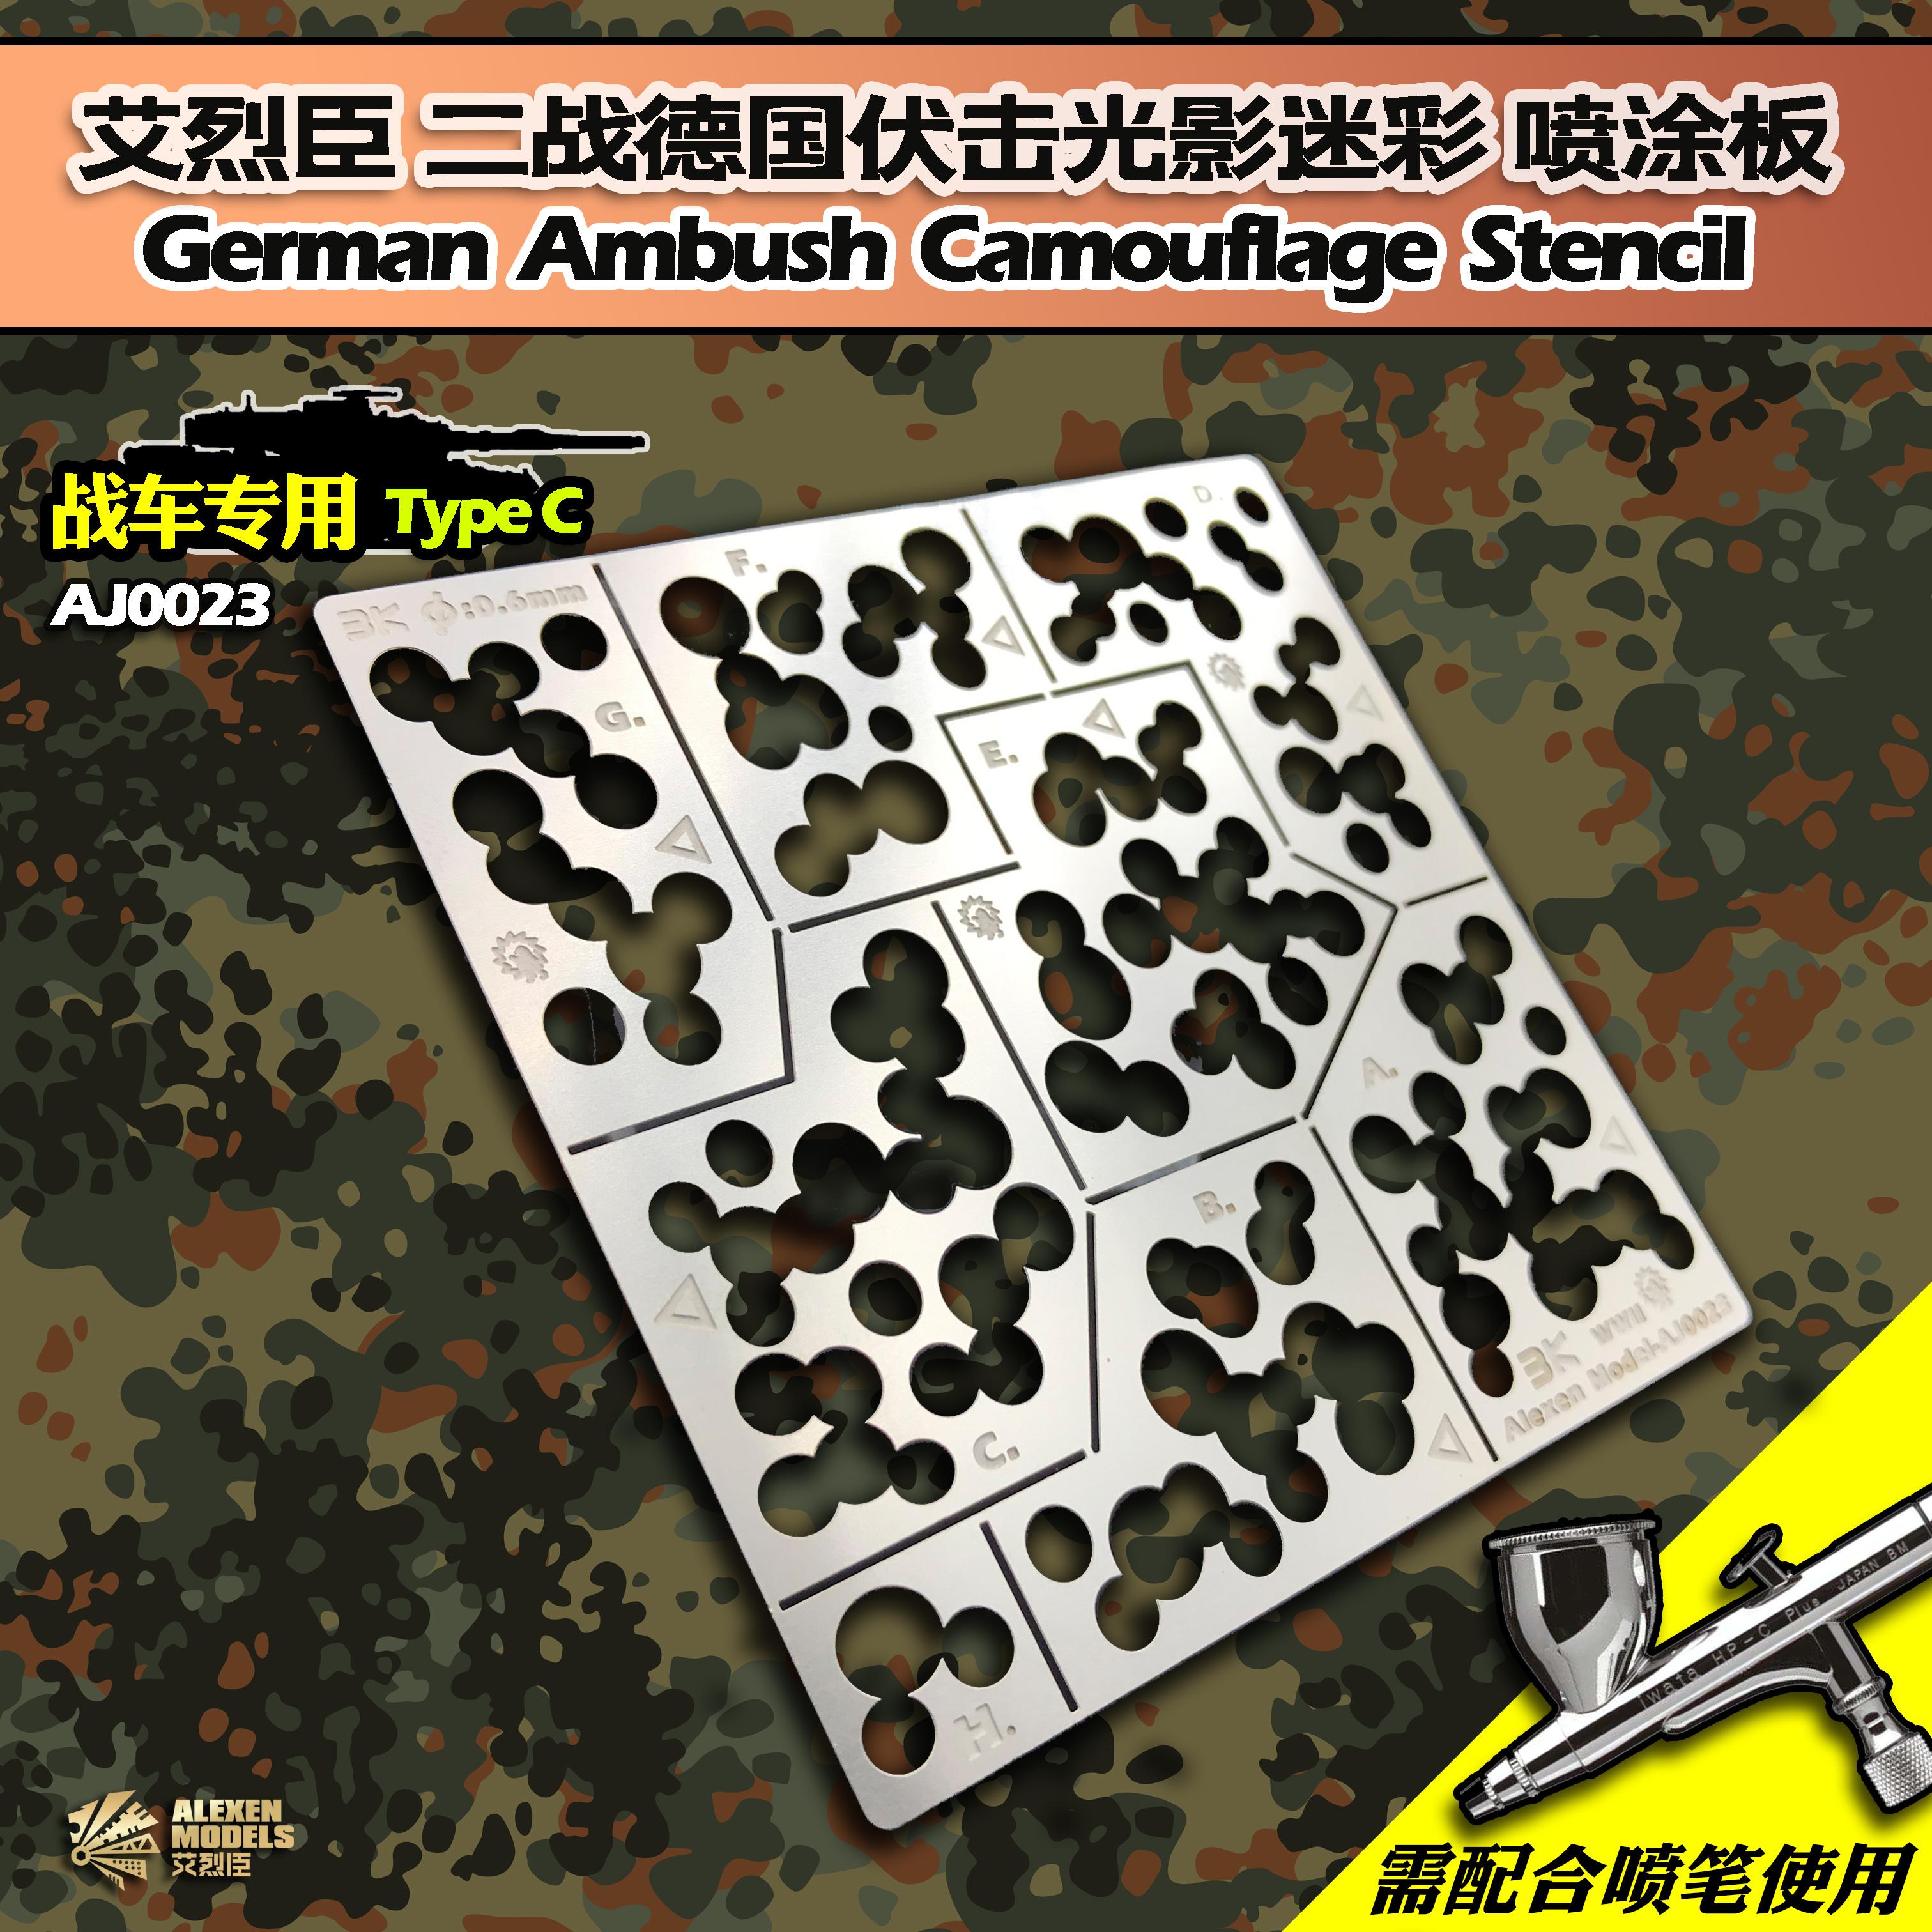 【艾烈臣】AJ0023 二战阿登黑森林波点状 迷彩 模型喷涂板 样式C